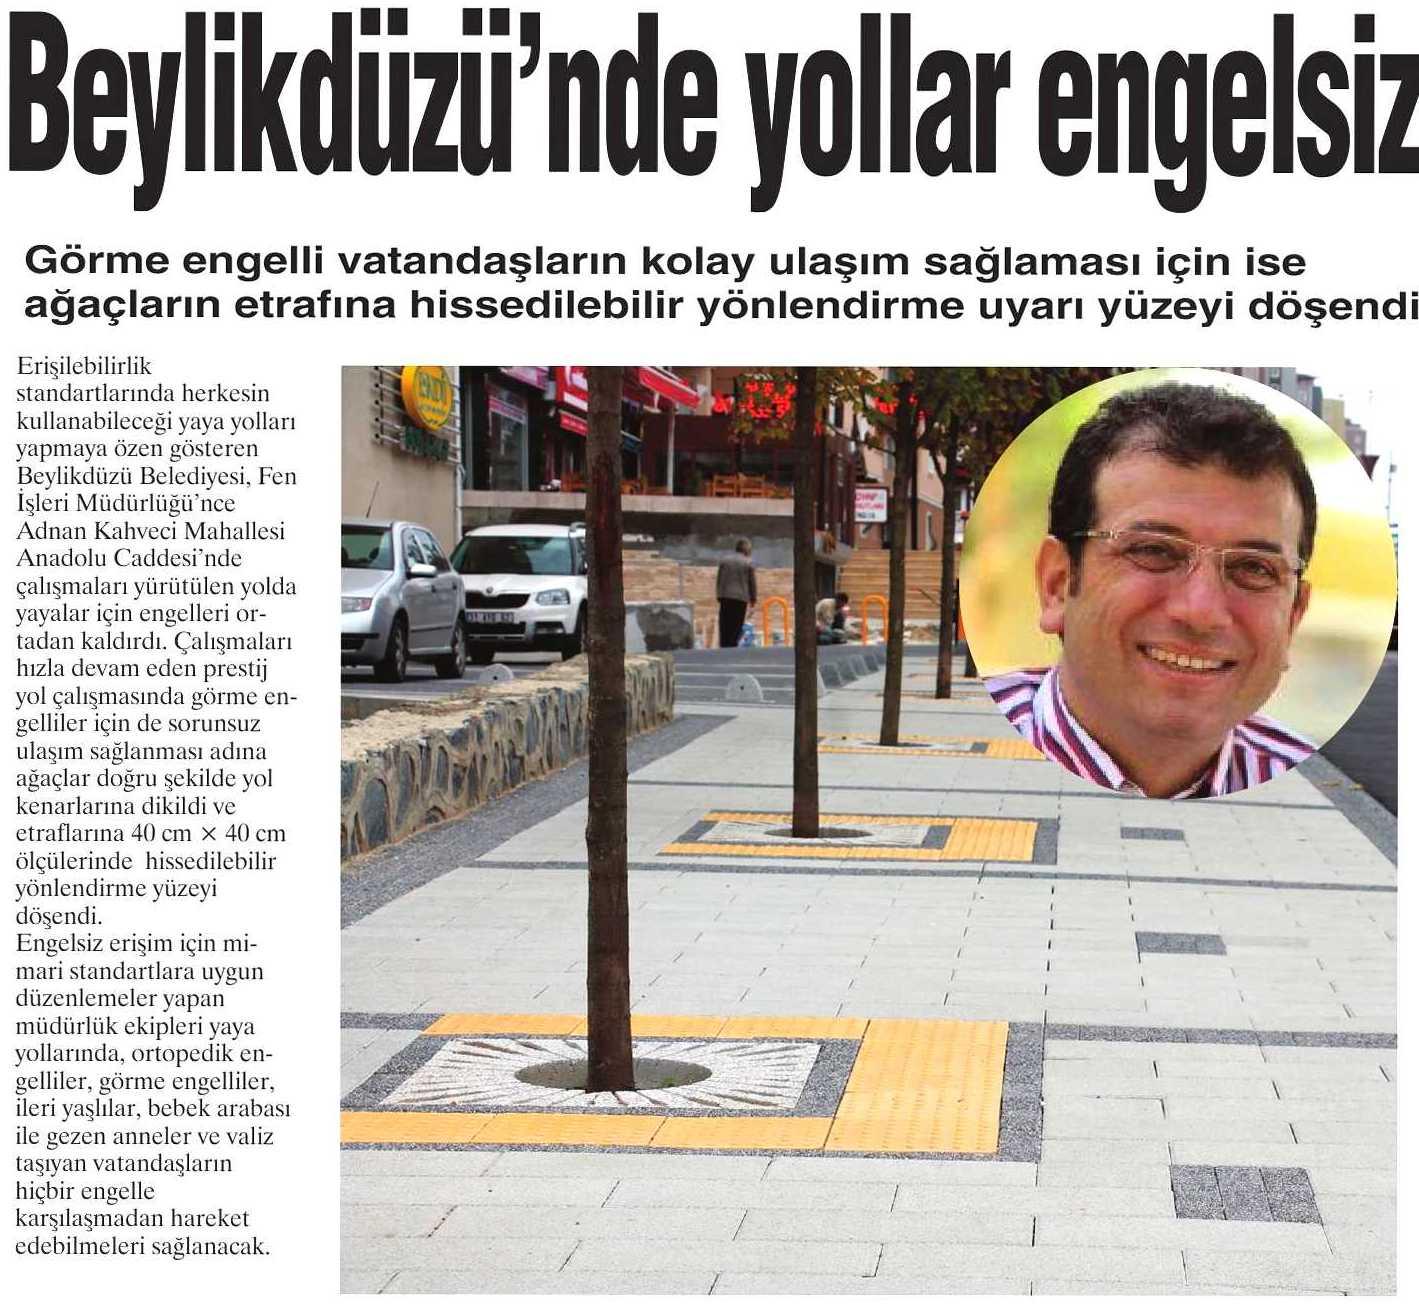 09_10_2015_nabiz_istanbul_beylikduzunde_yollar_engelsiz